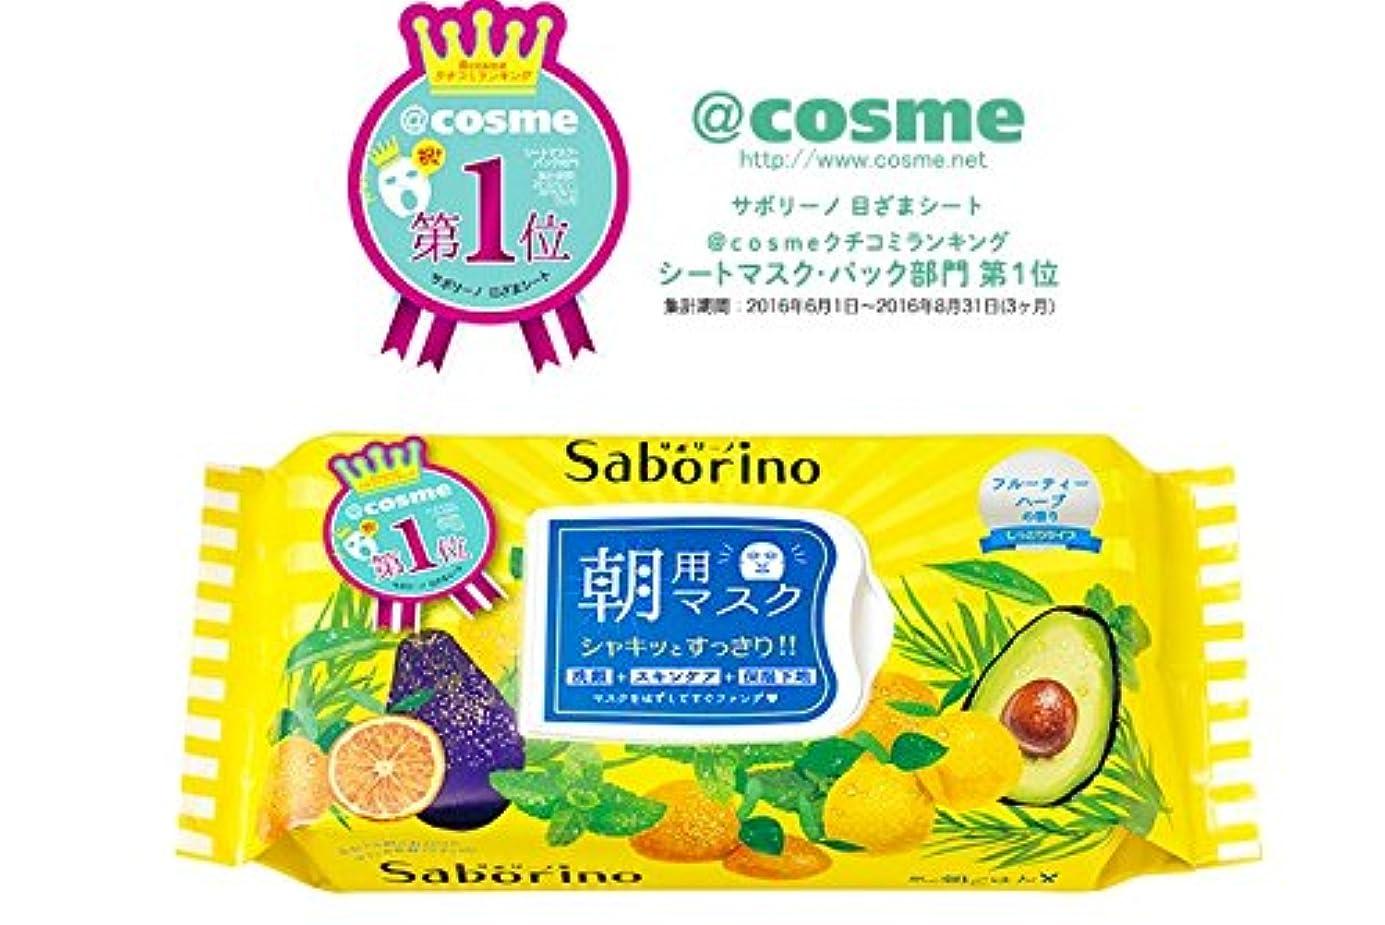 伝導率タイルゴミ箱【サボリーノ】朝用マスク 目ざまシート 32枚 3個セット